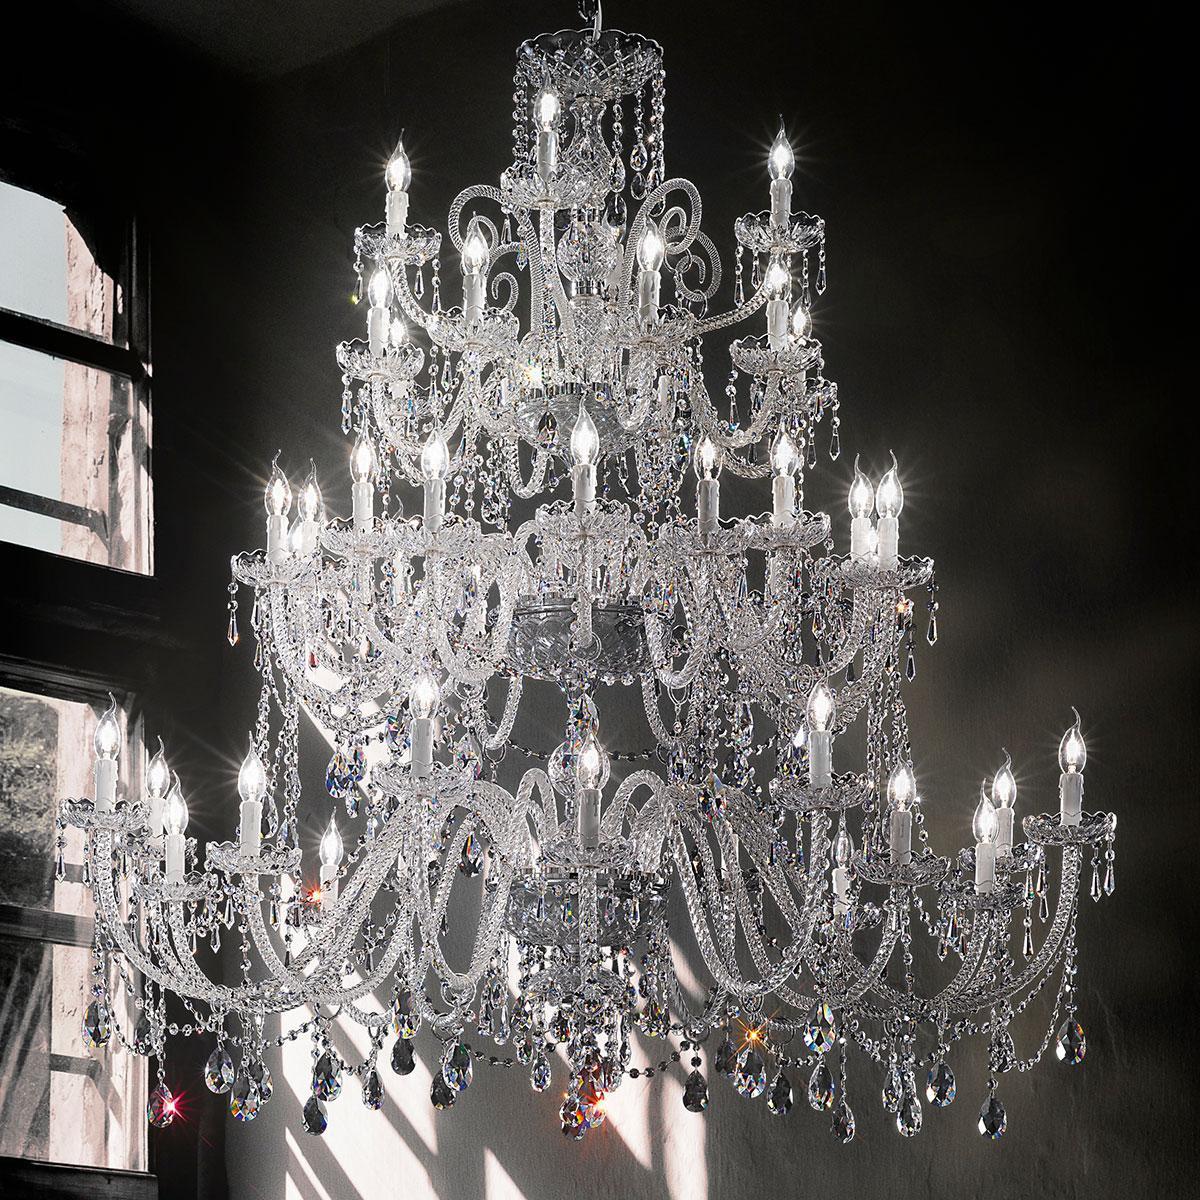 """""""Signorini"""" große venezianischer kristall kronleuchter - 16+16+8+4 flammig - transparent mit kristal Asfour"""